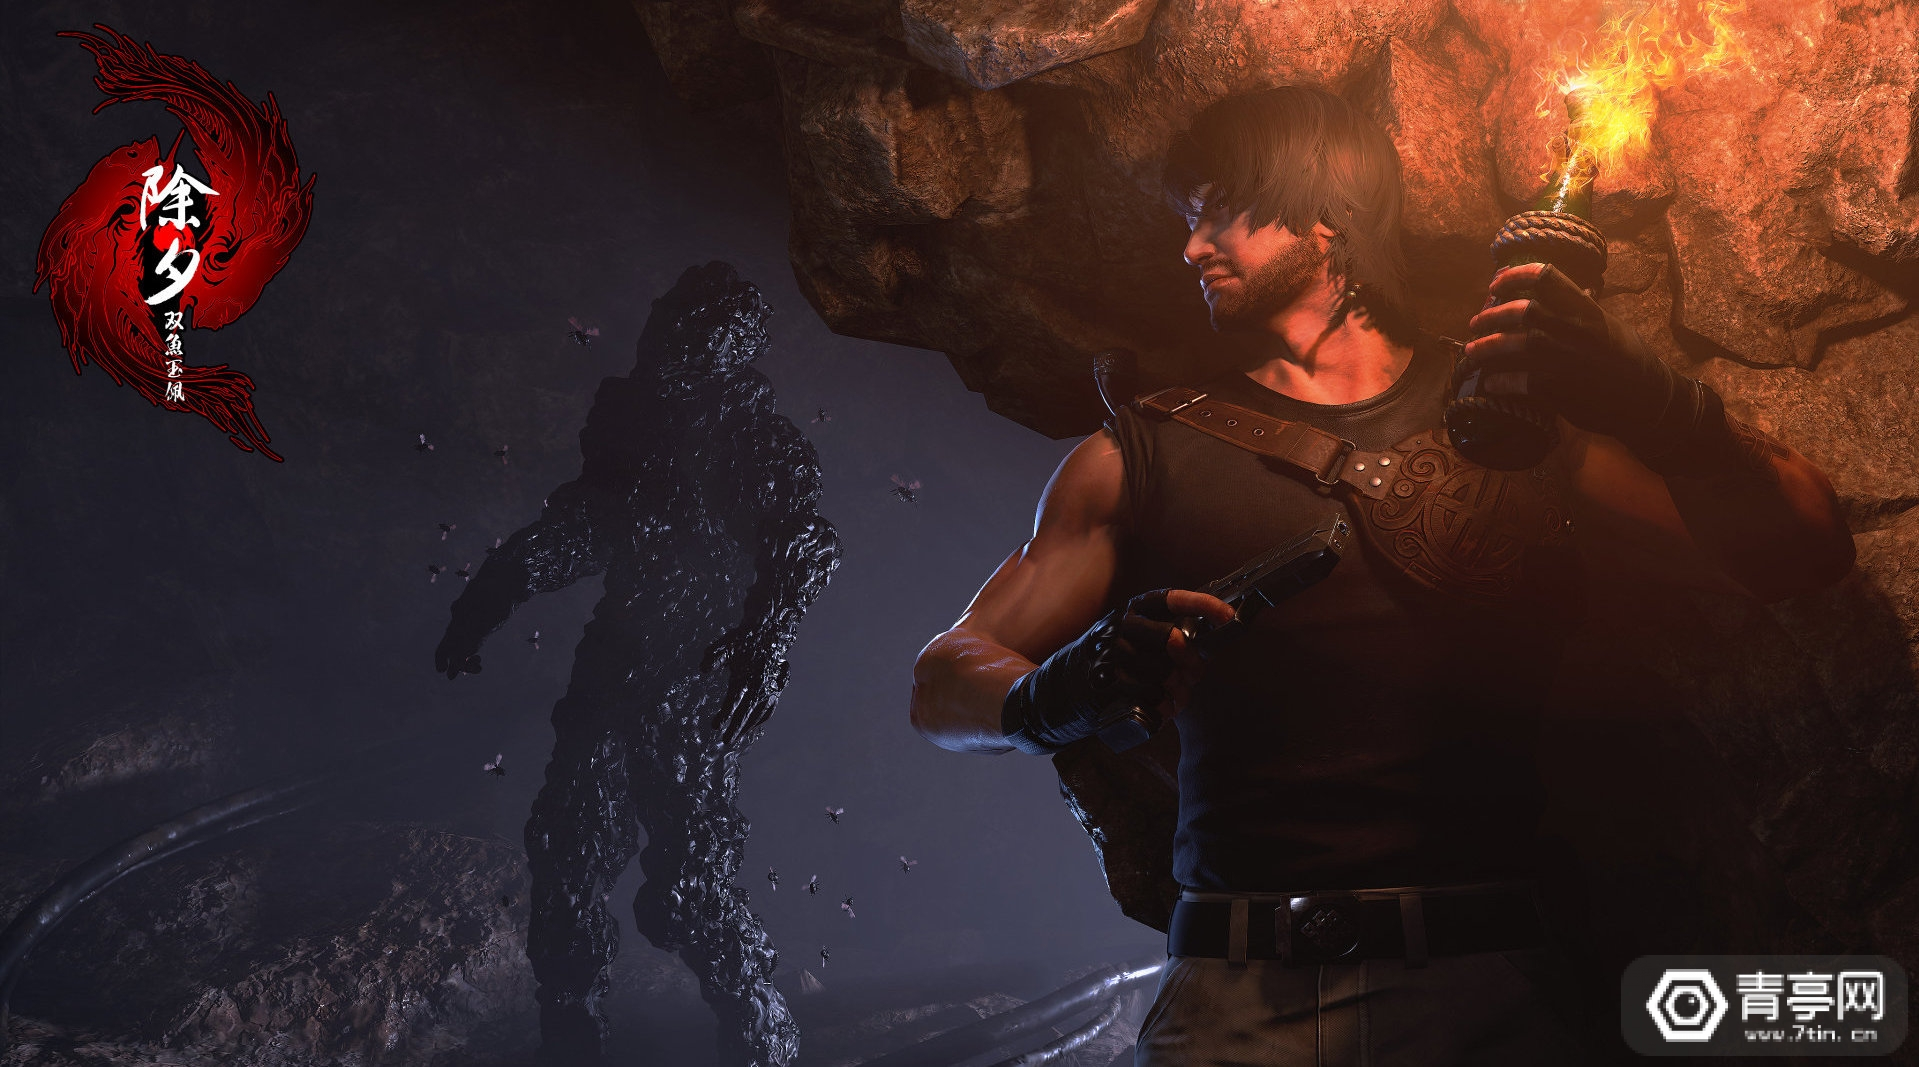 PS VR游戏《除夕:双鱼玉佩》即将发售